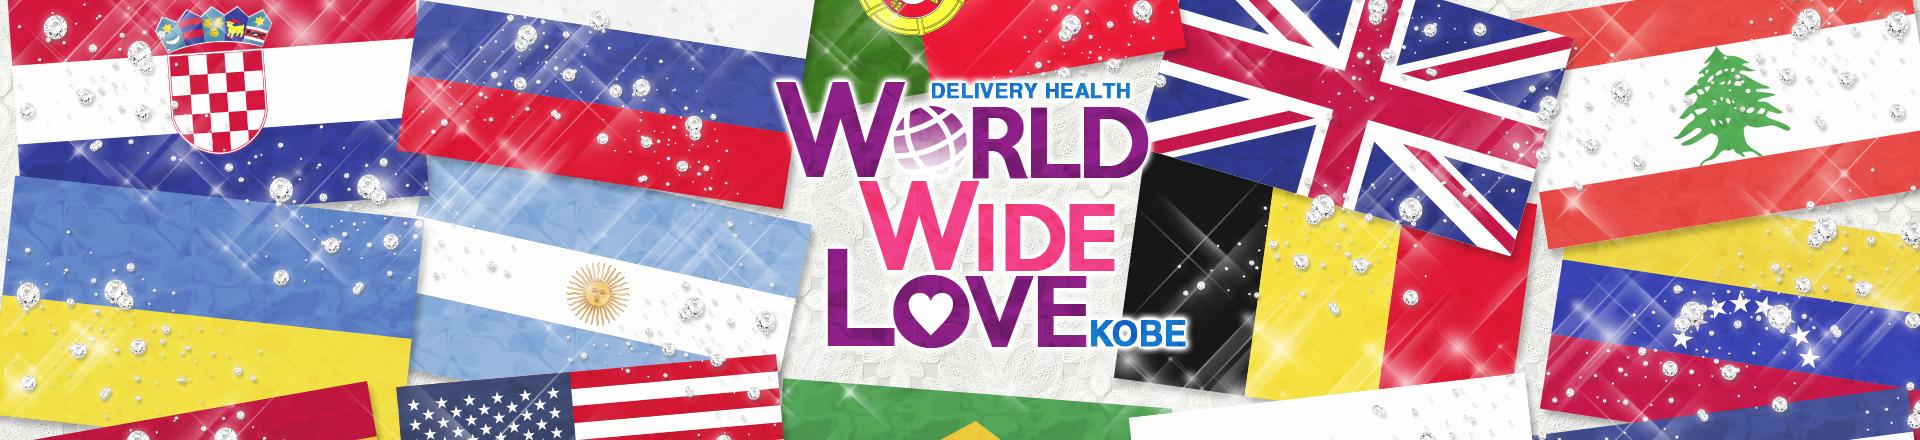 兵庫 神戸デリヘル『WORLD WIDE LOVE KOBE ワールドワイドラブ神戸』